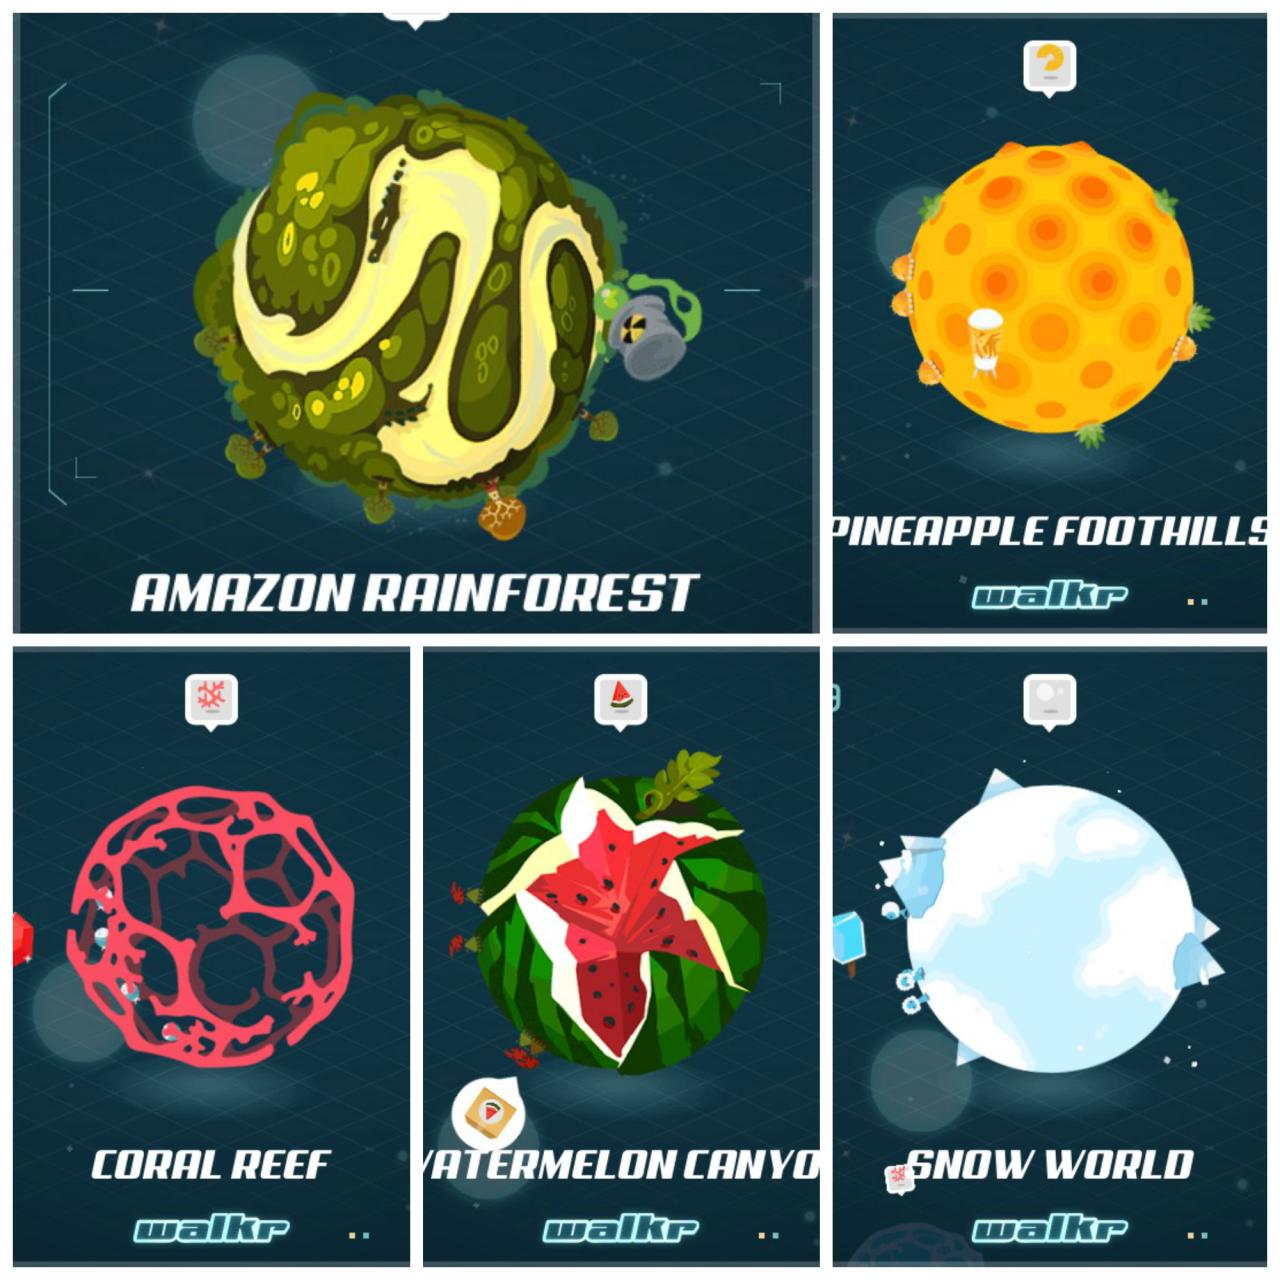 Đi bộ để tìm kiếm hành tinh của riêng bạn với tựa game Walkr: Fitness Space Adventure! - Ảnh 3.